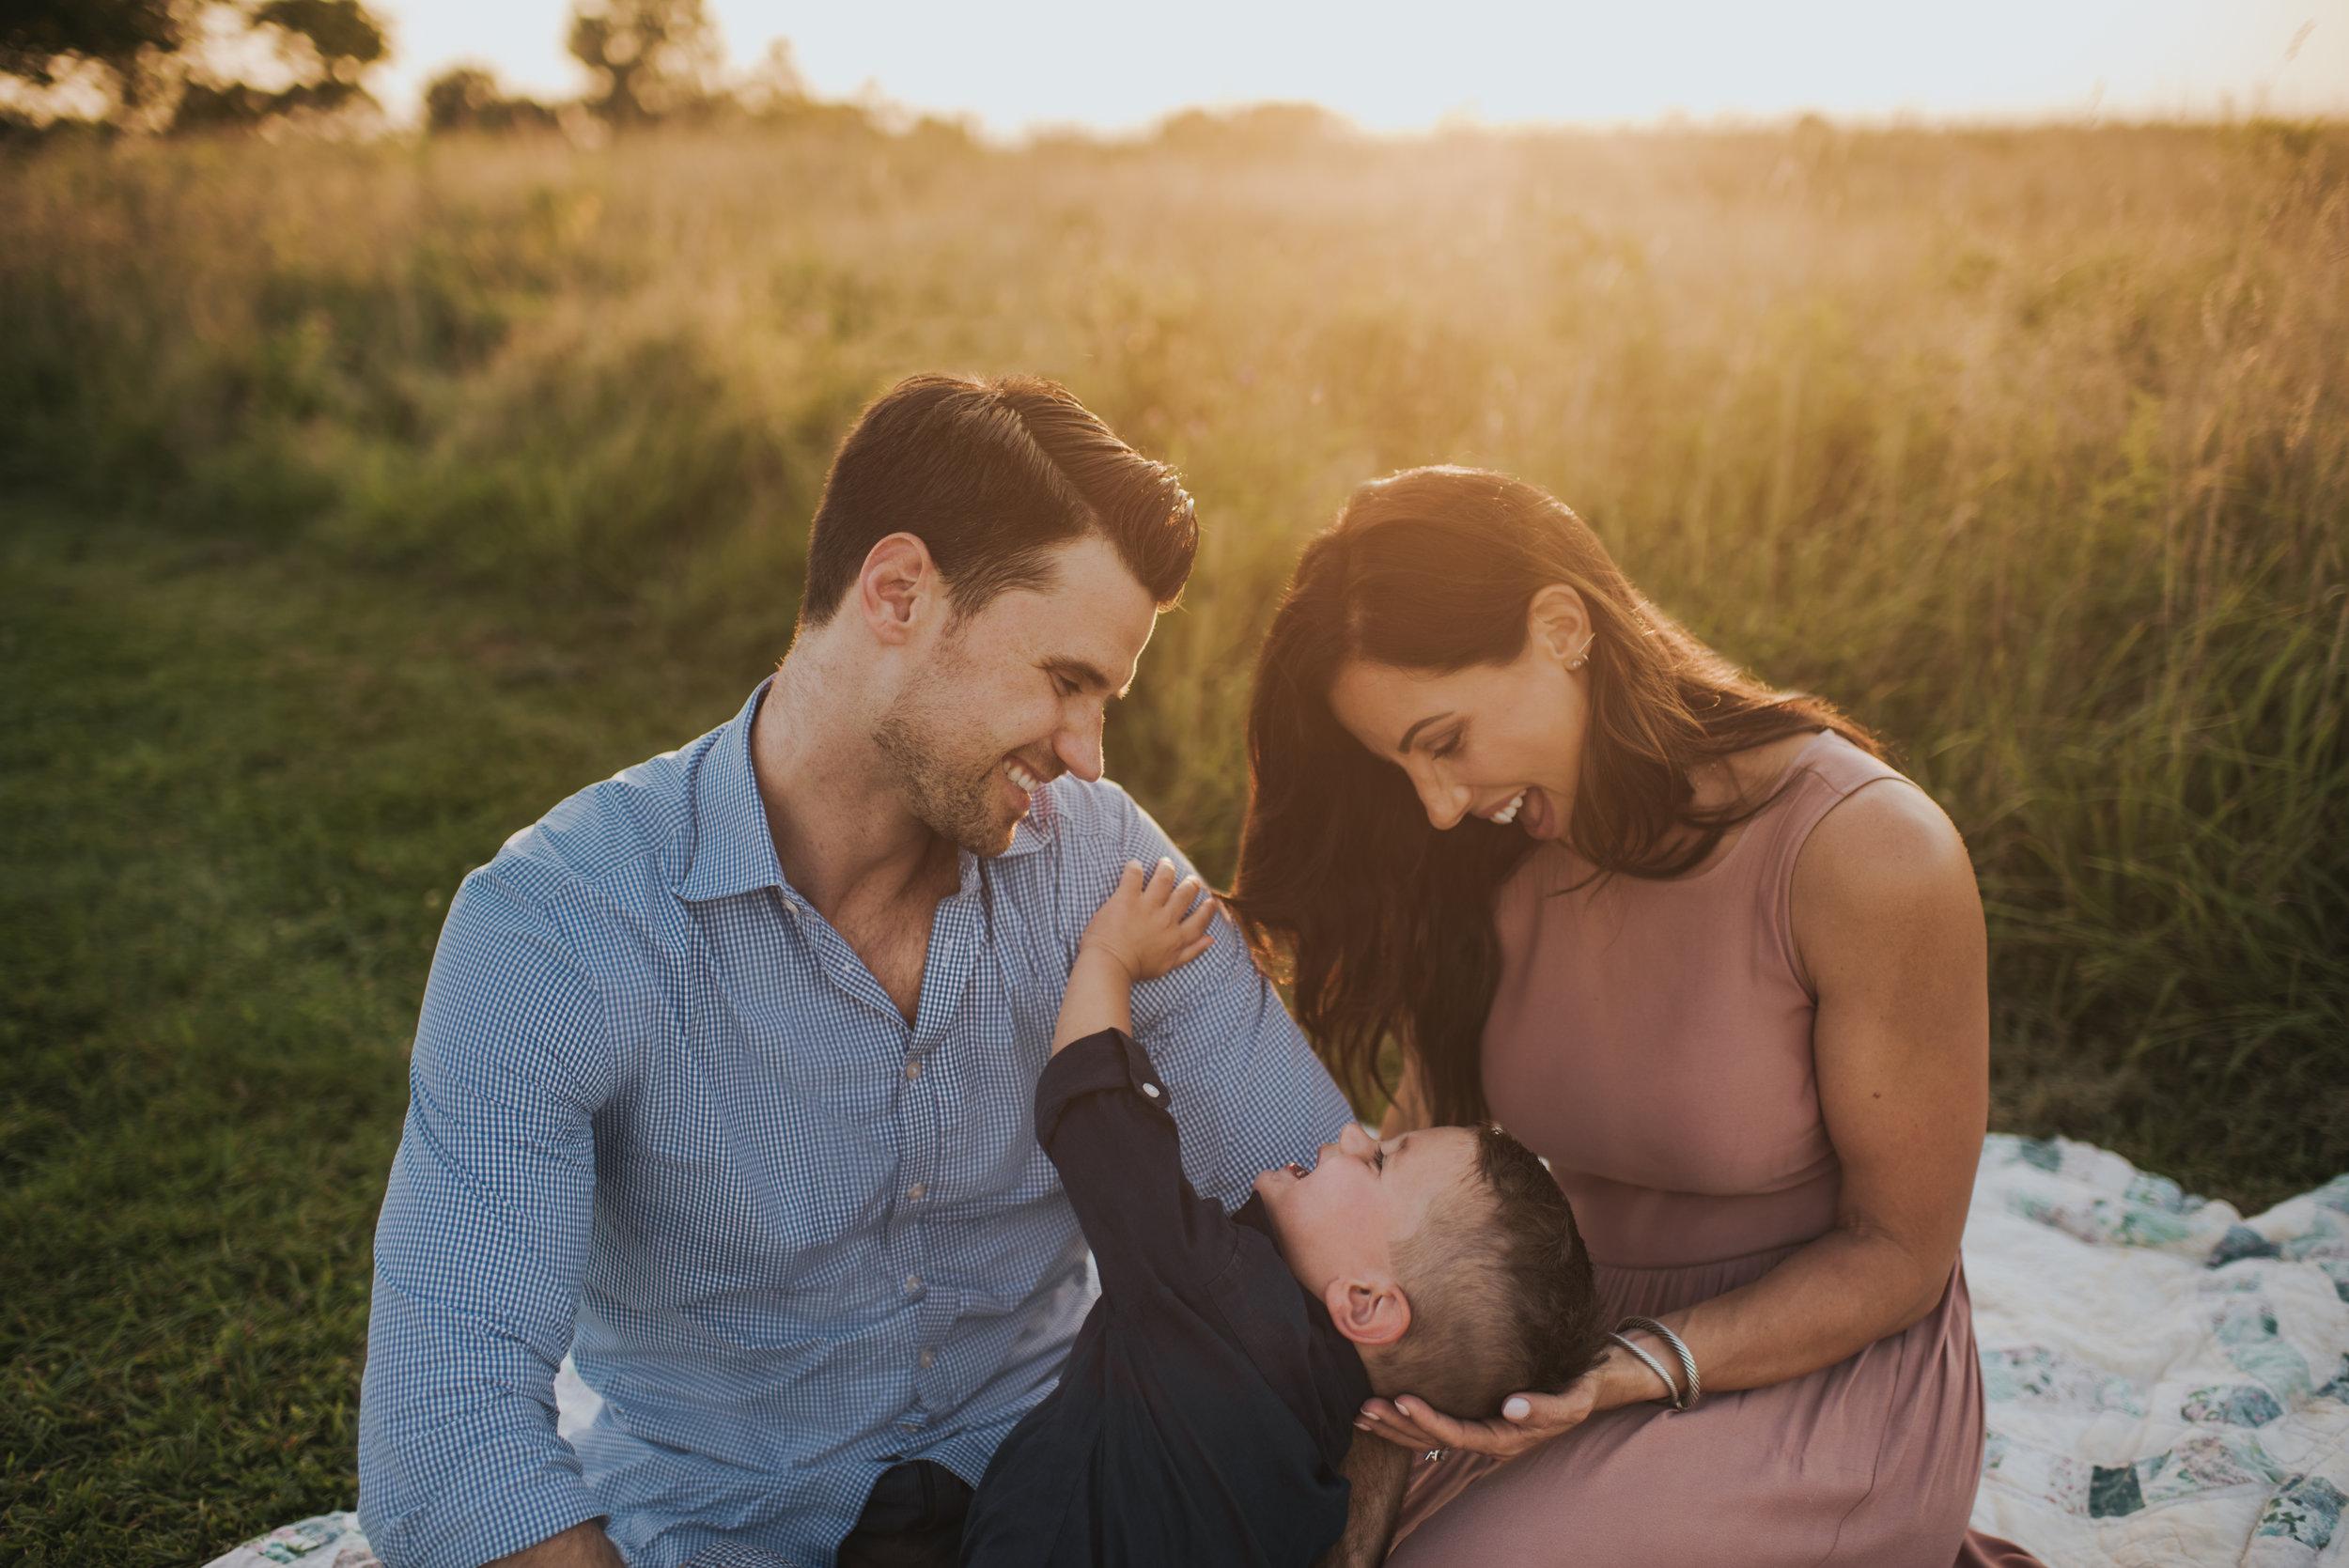 FamilyPhotographerRidgefieldCtkendraconroyPhotography